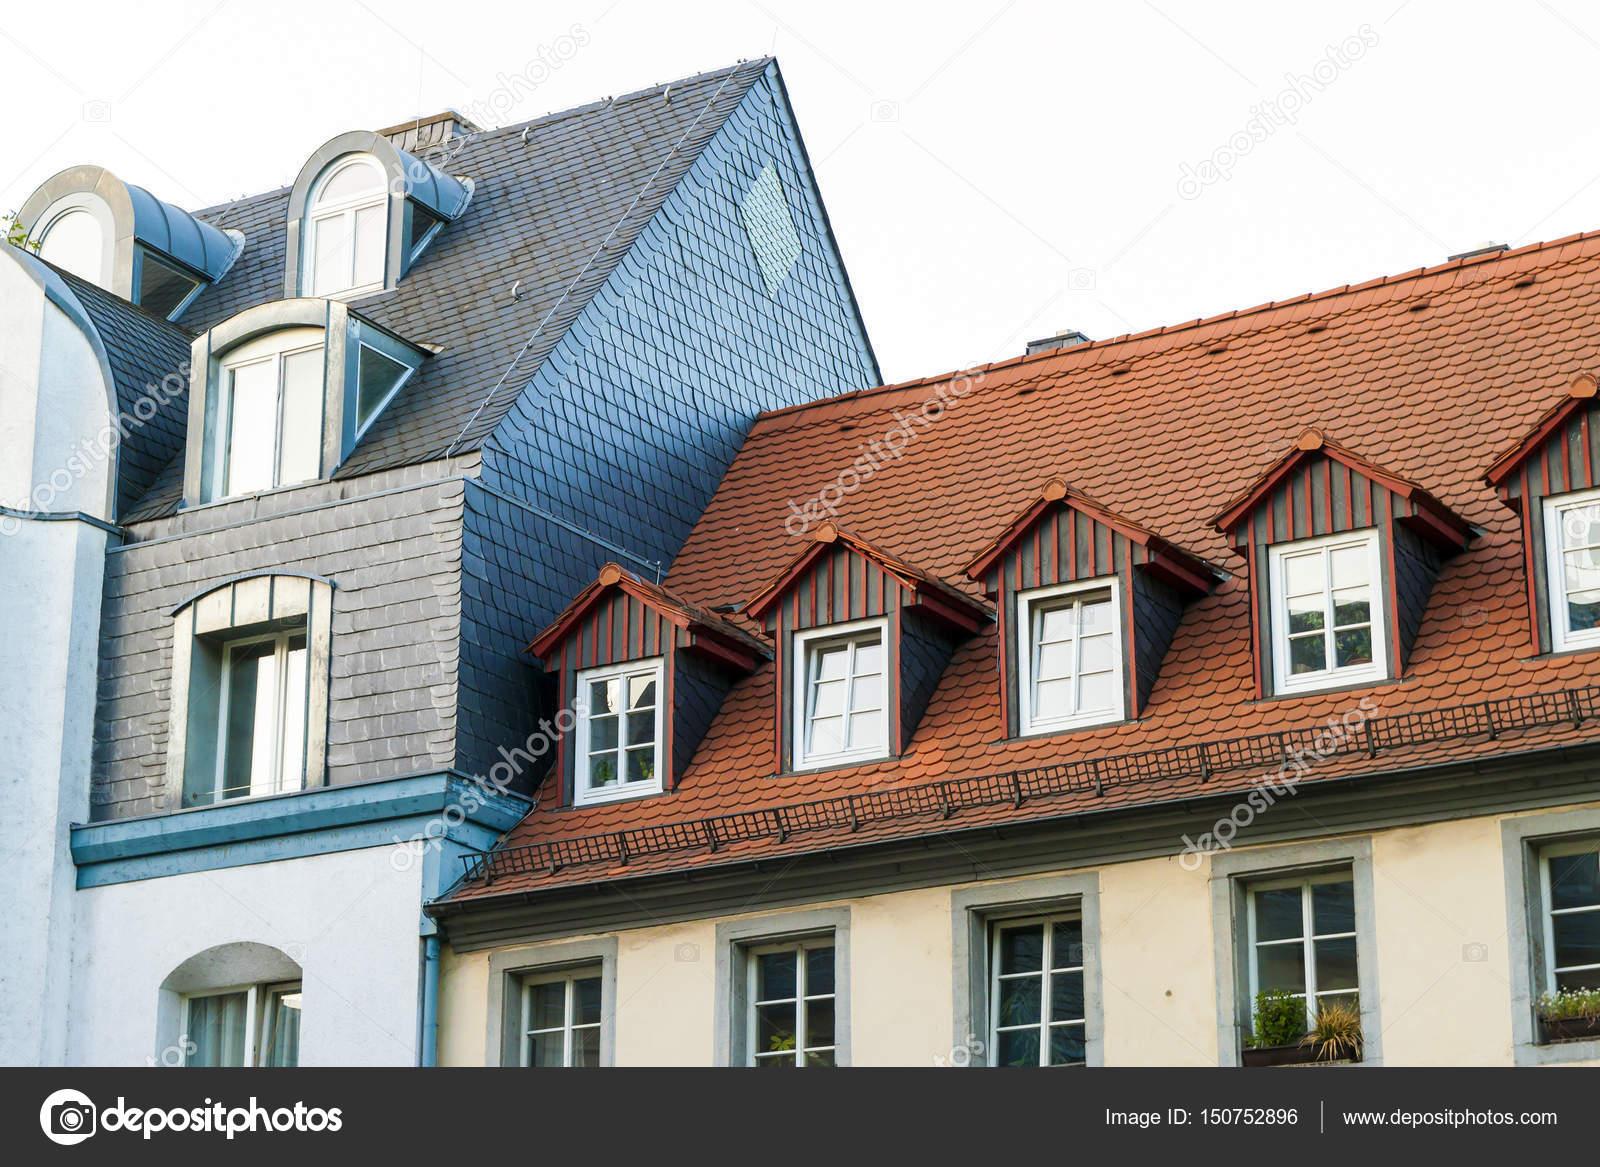 Techos de casas con ventanas de tejado y tejas naranja g — Fotos de ...